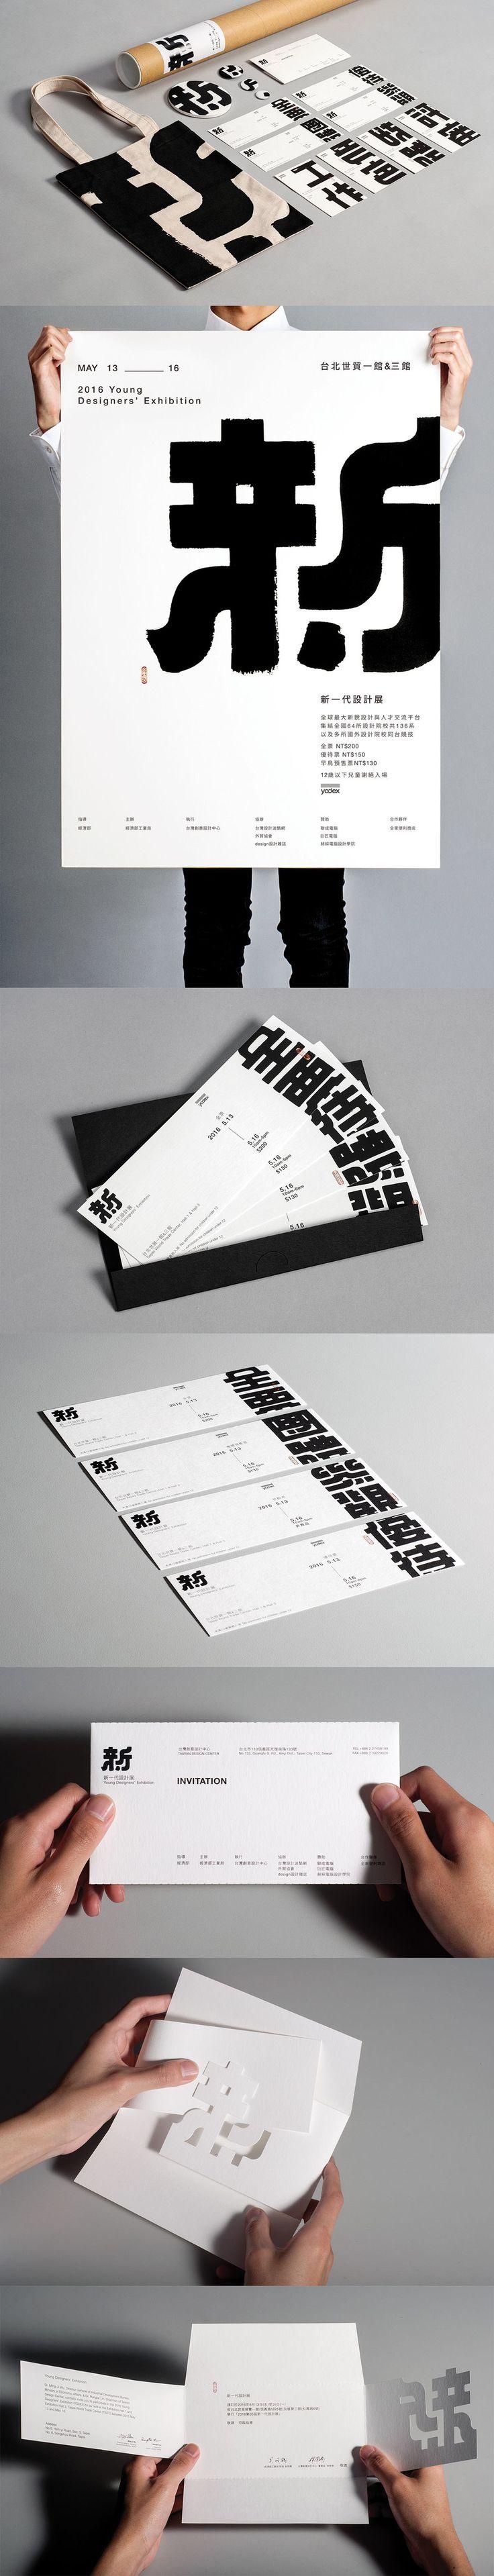 新一代設計展 主視覺提案